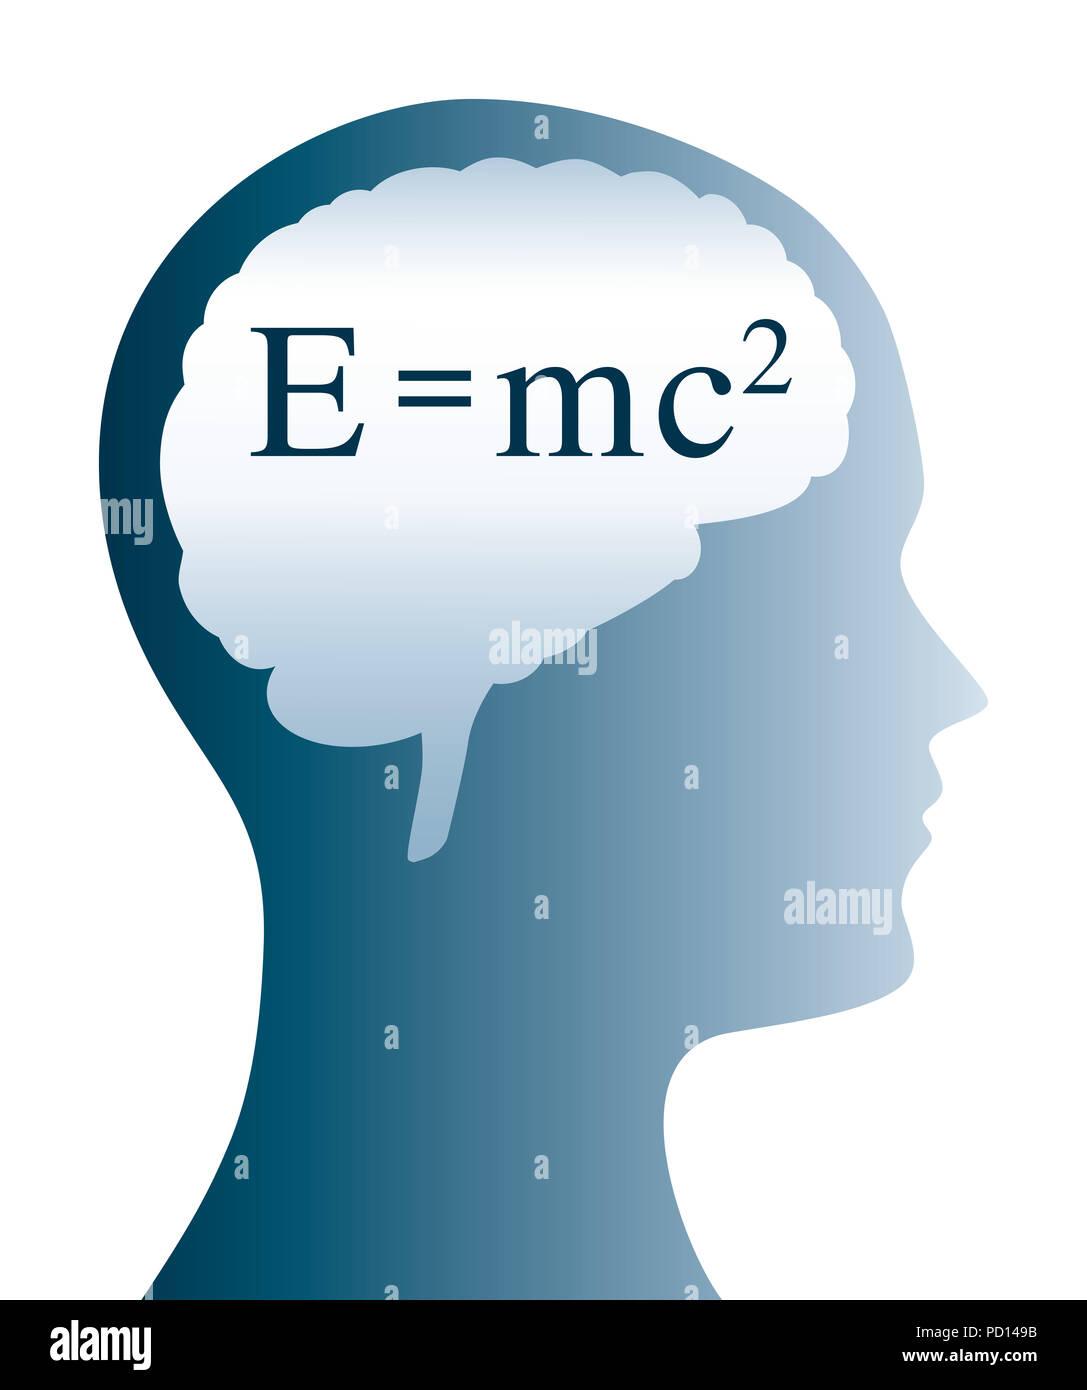 Einstein Formel im Gehirn, die Form und Silhouette des Kopfes. E=mc2 in der Physik ist die Formel für die Masse Energie Gleichwertigkeit. Stockfoto